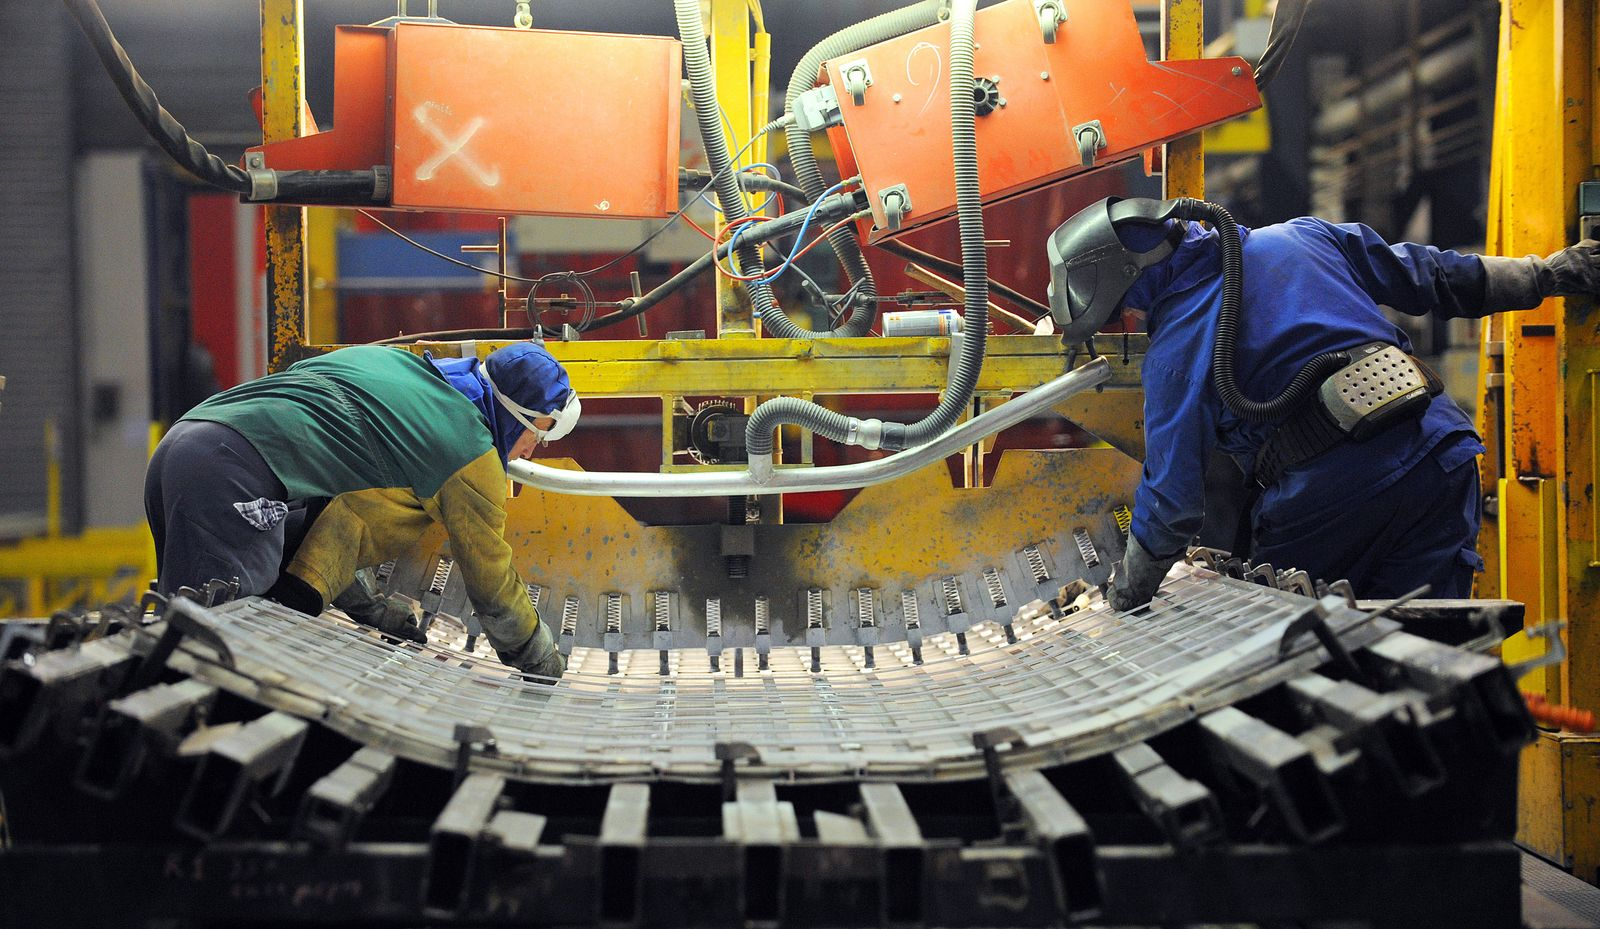 Frankreich / Alstom / Industrie / Produktion / Werk / Fabrik